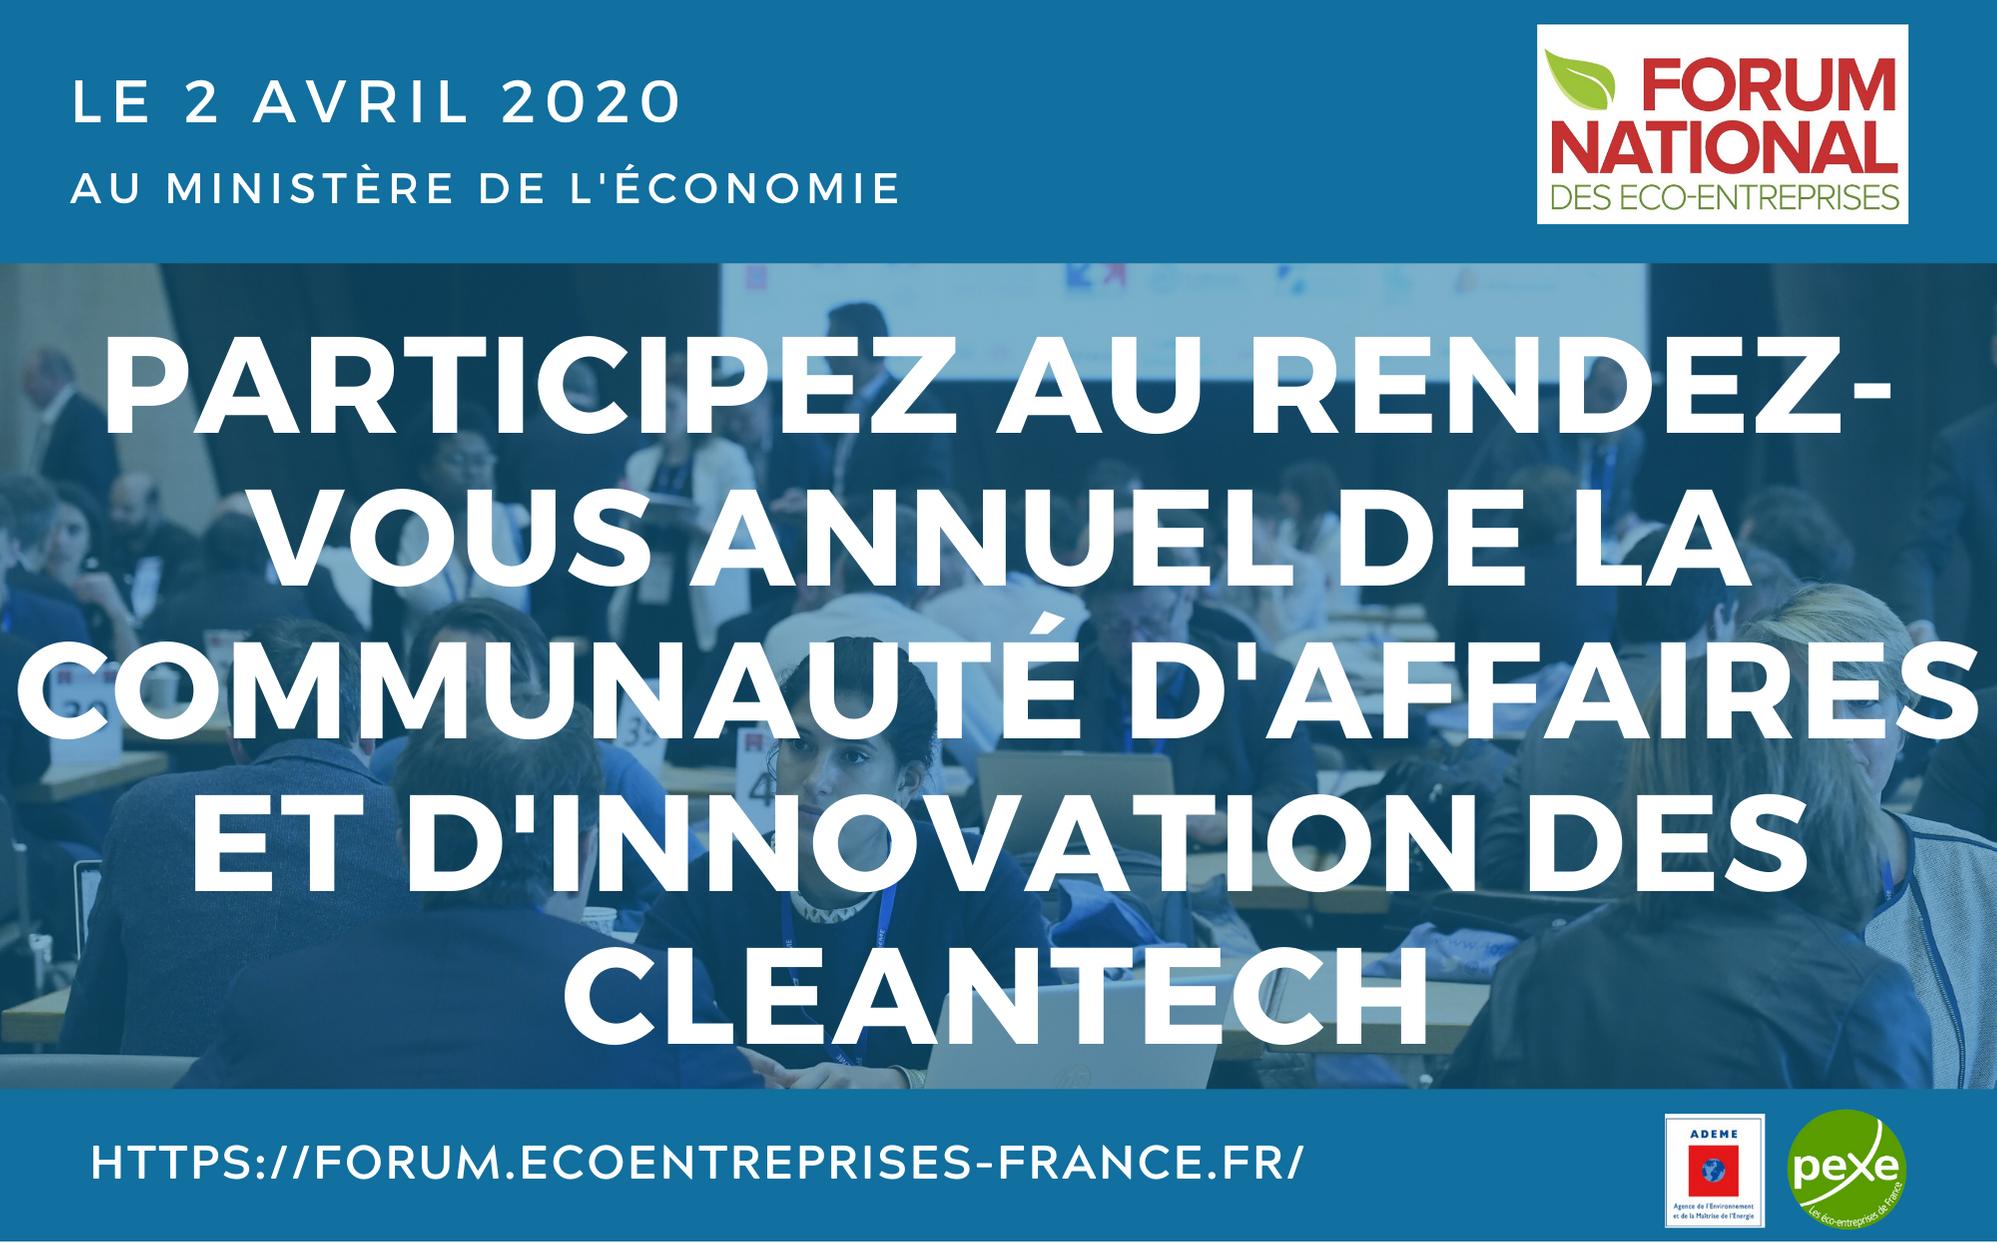 https://forum.ecoentreprises-france.fr/?utm_source=sendinblue&utm_campaign=J6_avant_louverture_de_la_plateforme_de_la_convention_daffaires_du_Forum_national_des_coentreprises_du_2_avril_prochain_!&utm_medium=email